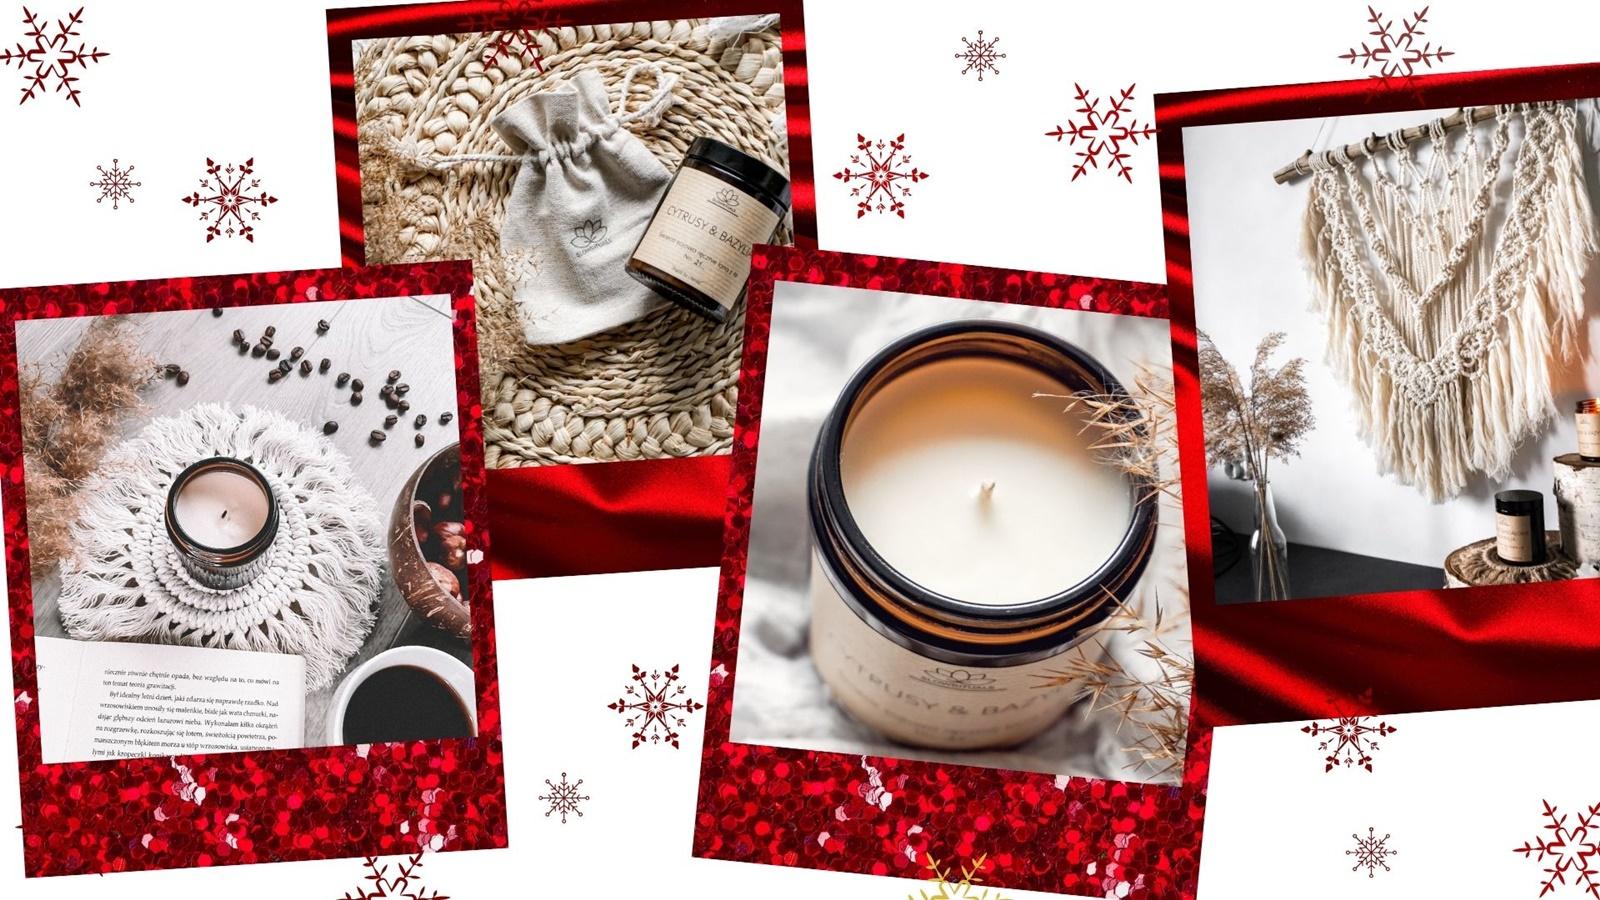 makarmy świece diy handmade pomysł na prezent z okazji swiat bozego narodzenia tani niebanalny za grosze ładny boho dla kobiety